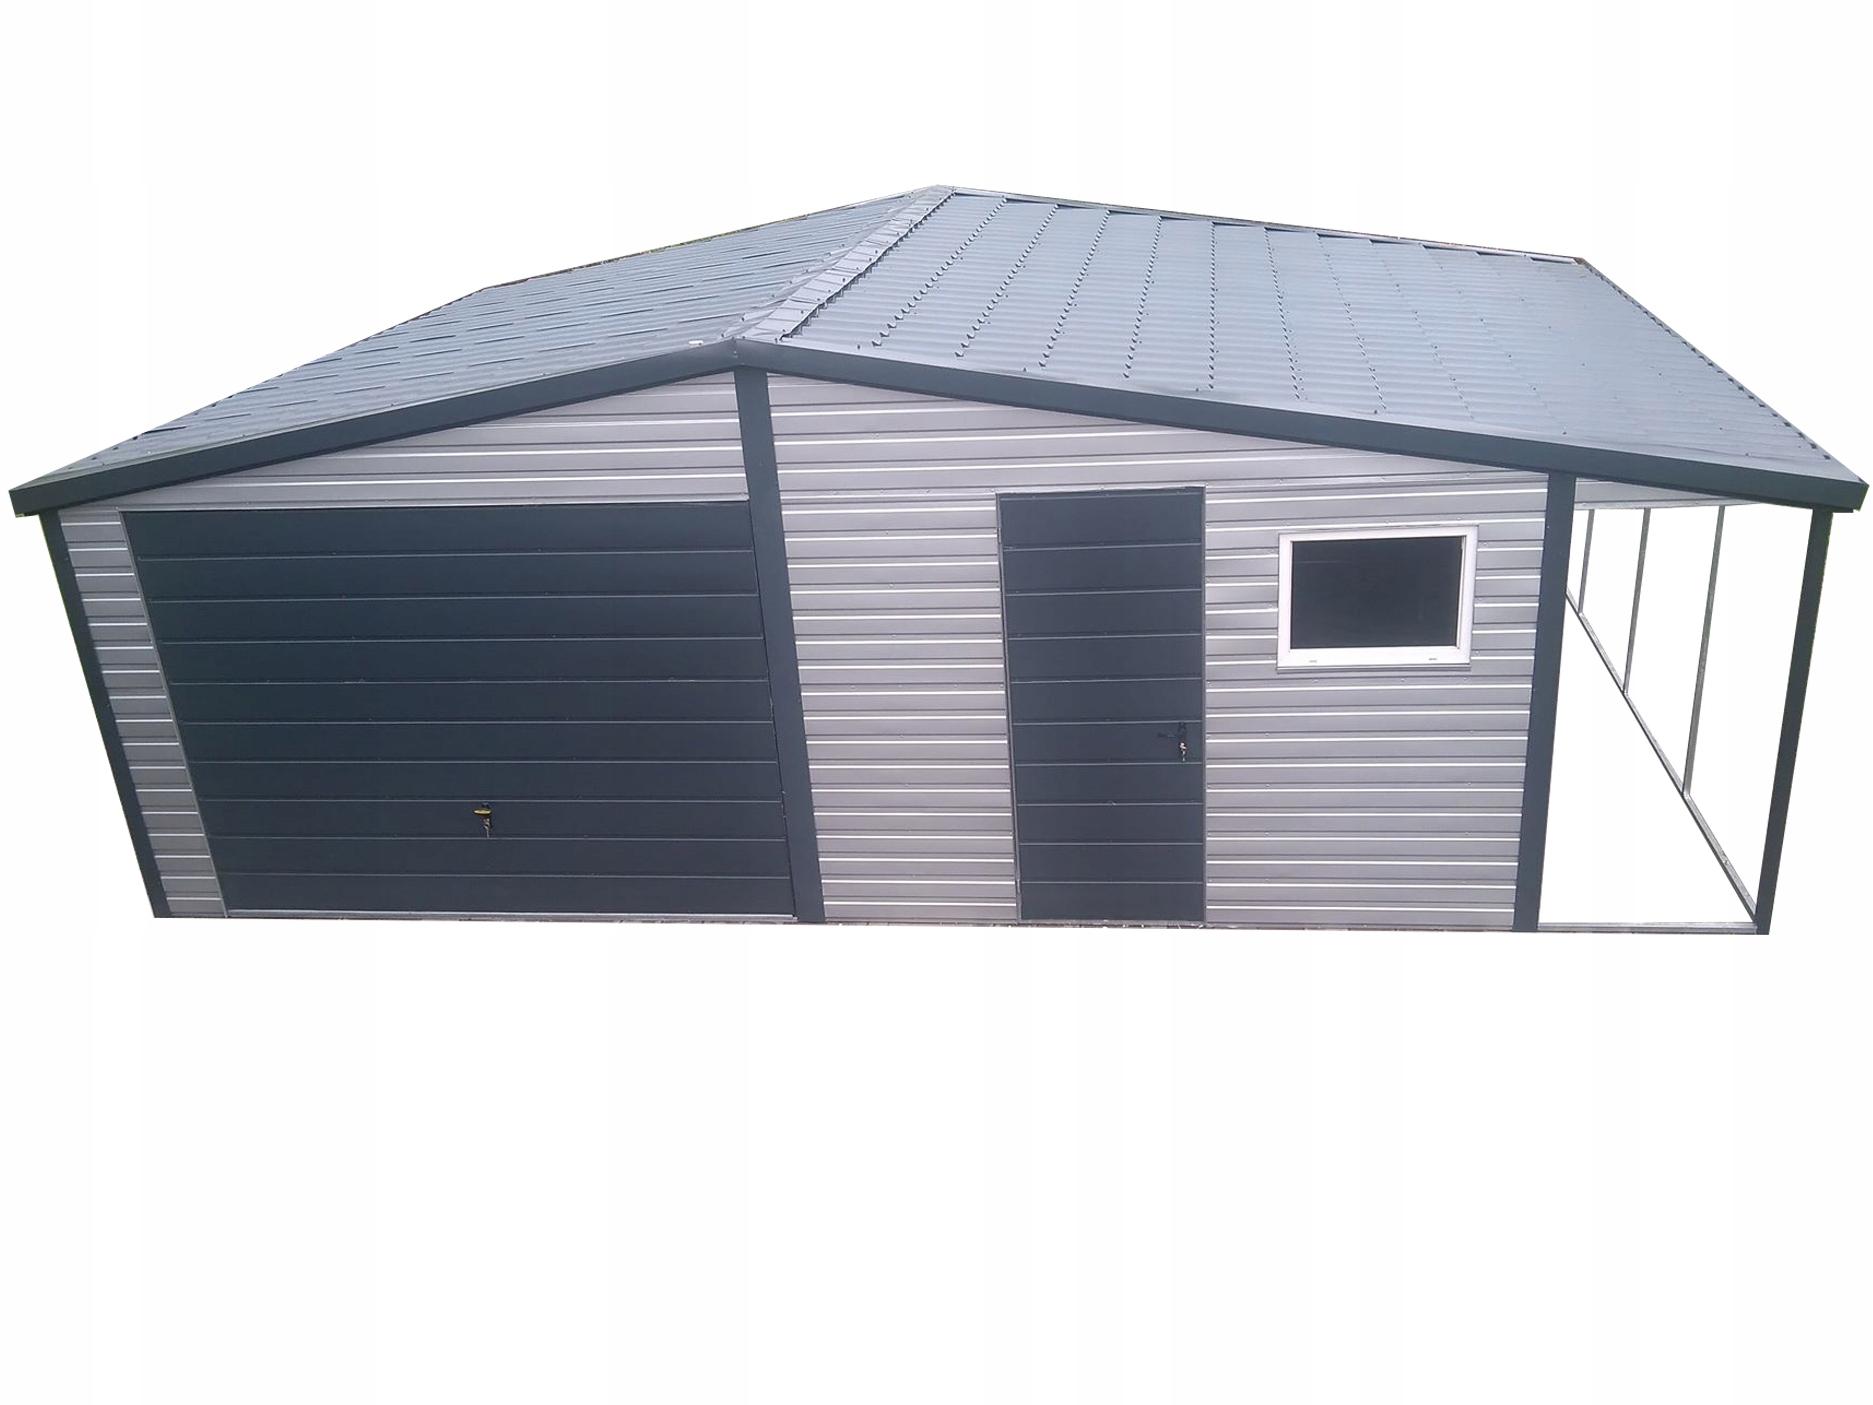 Garaż blaszany 6,5x5 blaszak wiata obróbki grafit